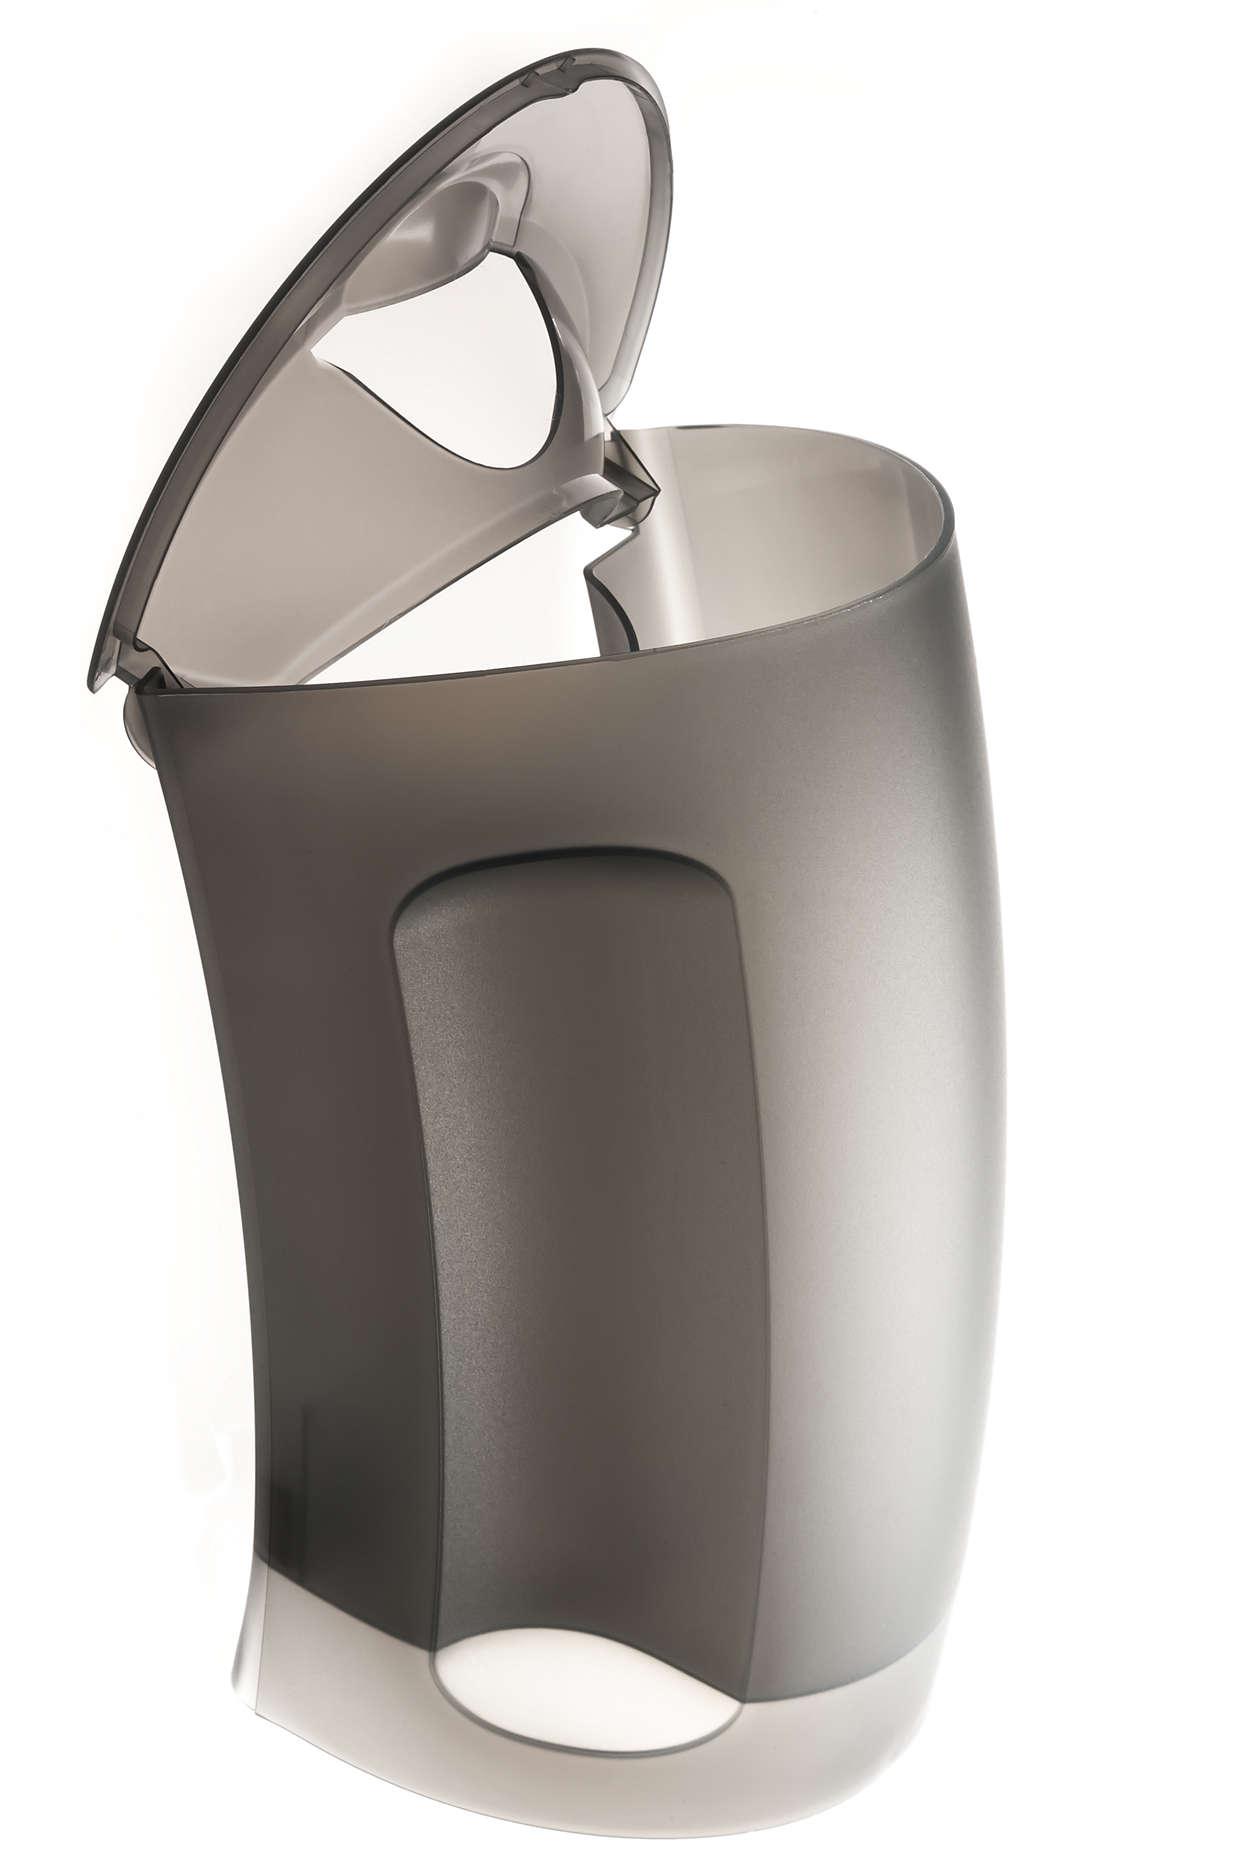 Depósito de agua extra grande